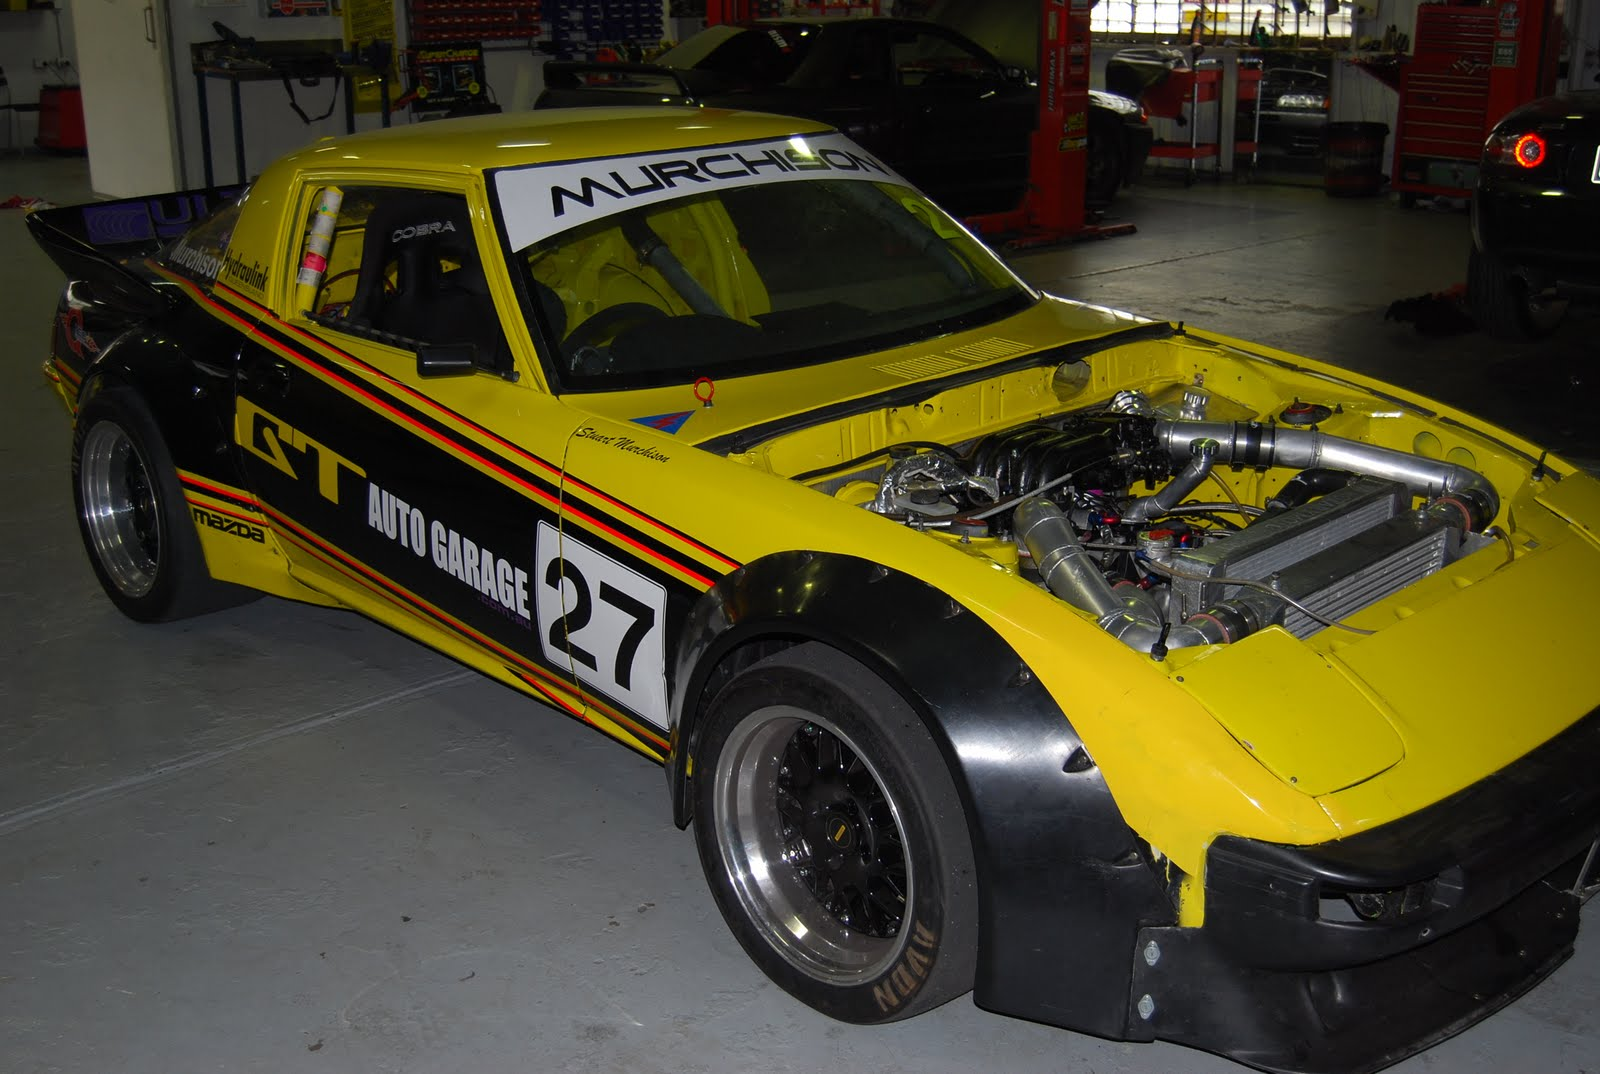 Gt auto garage standalone f con v pro v3 3 for Garage gt auto